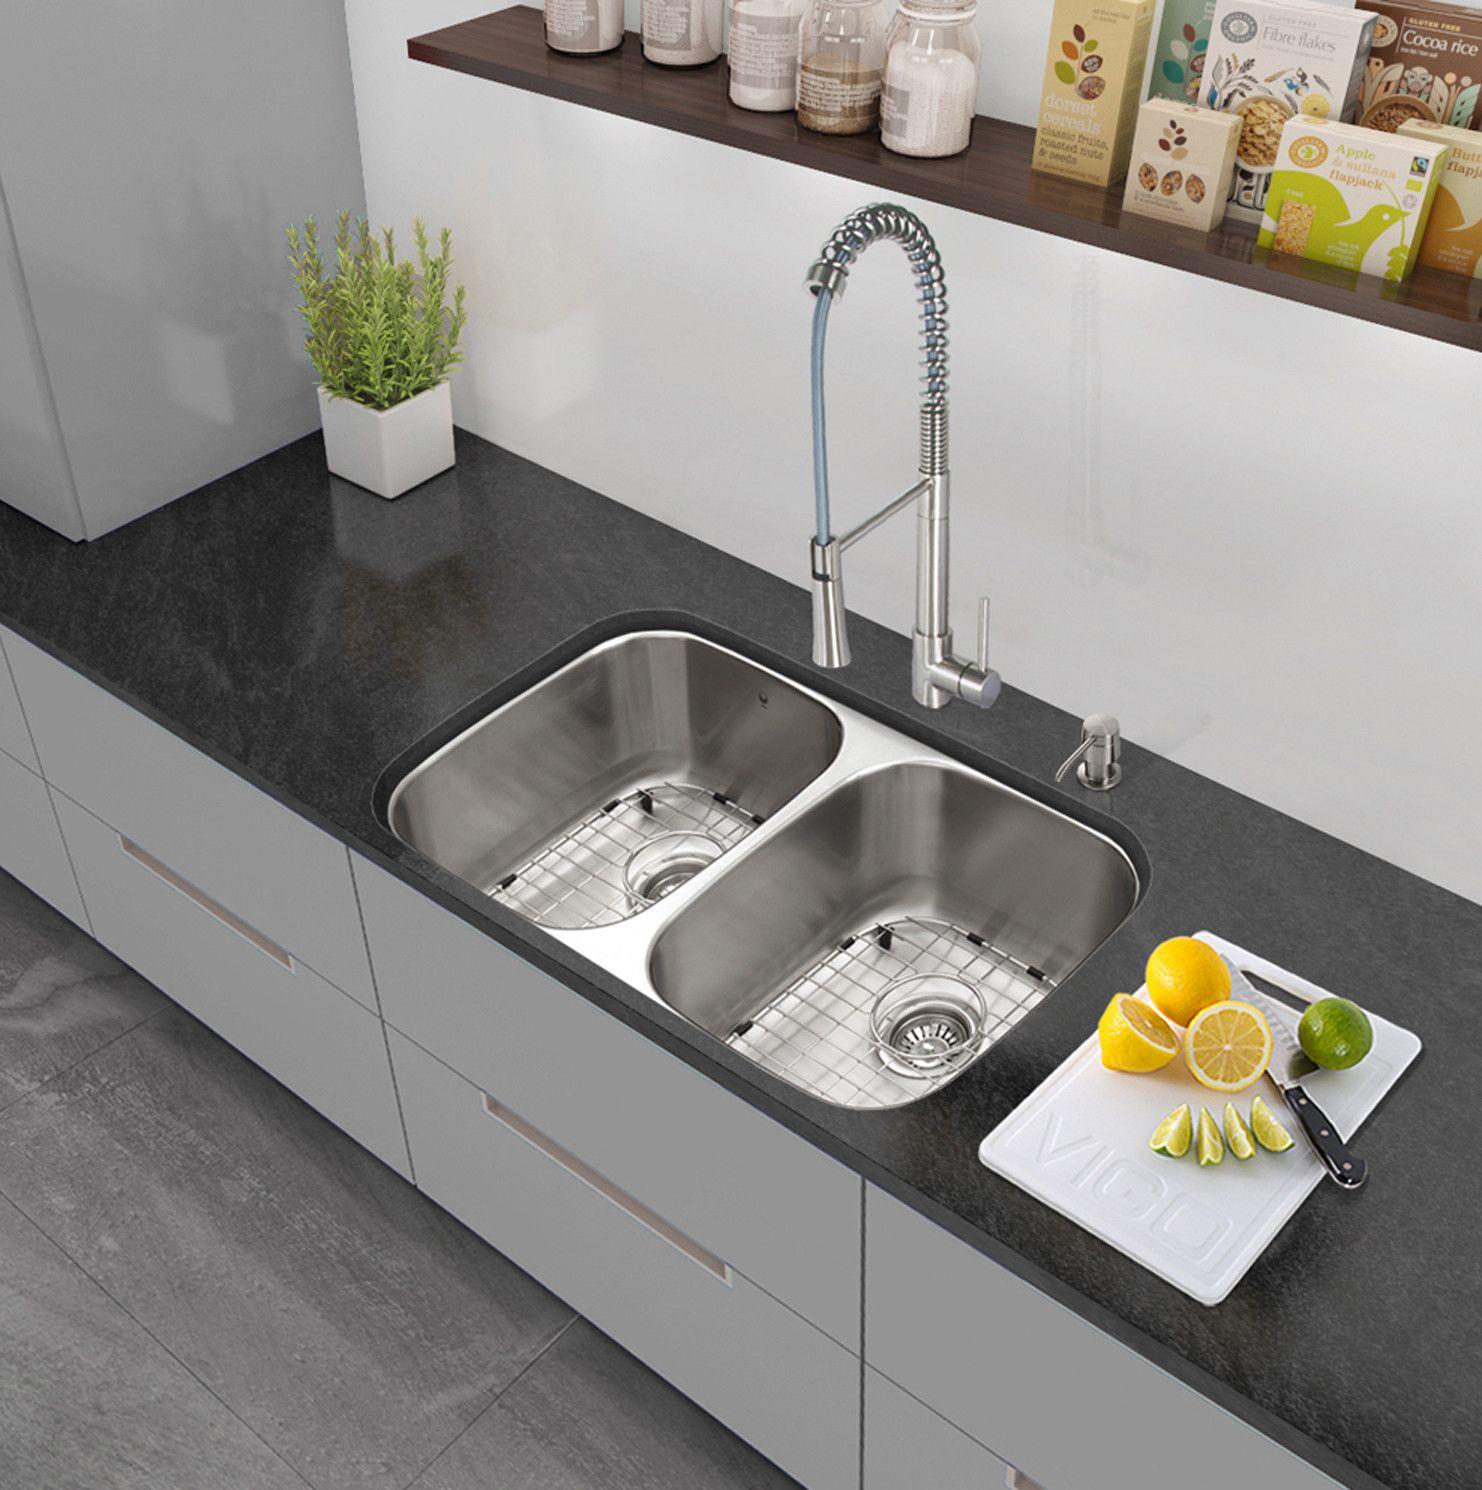 Hawkins Kitchen Sink Stainless Steel Kitchen Sink Stainless Steel Kitchen Sink Undermount Undermount Kitchen Sinks